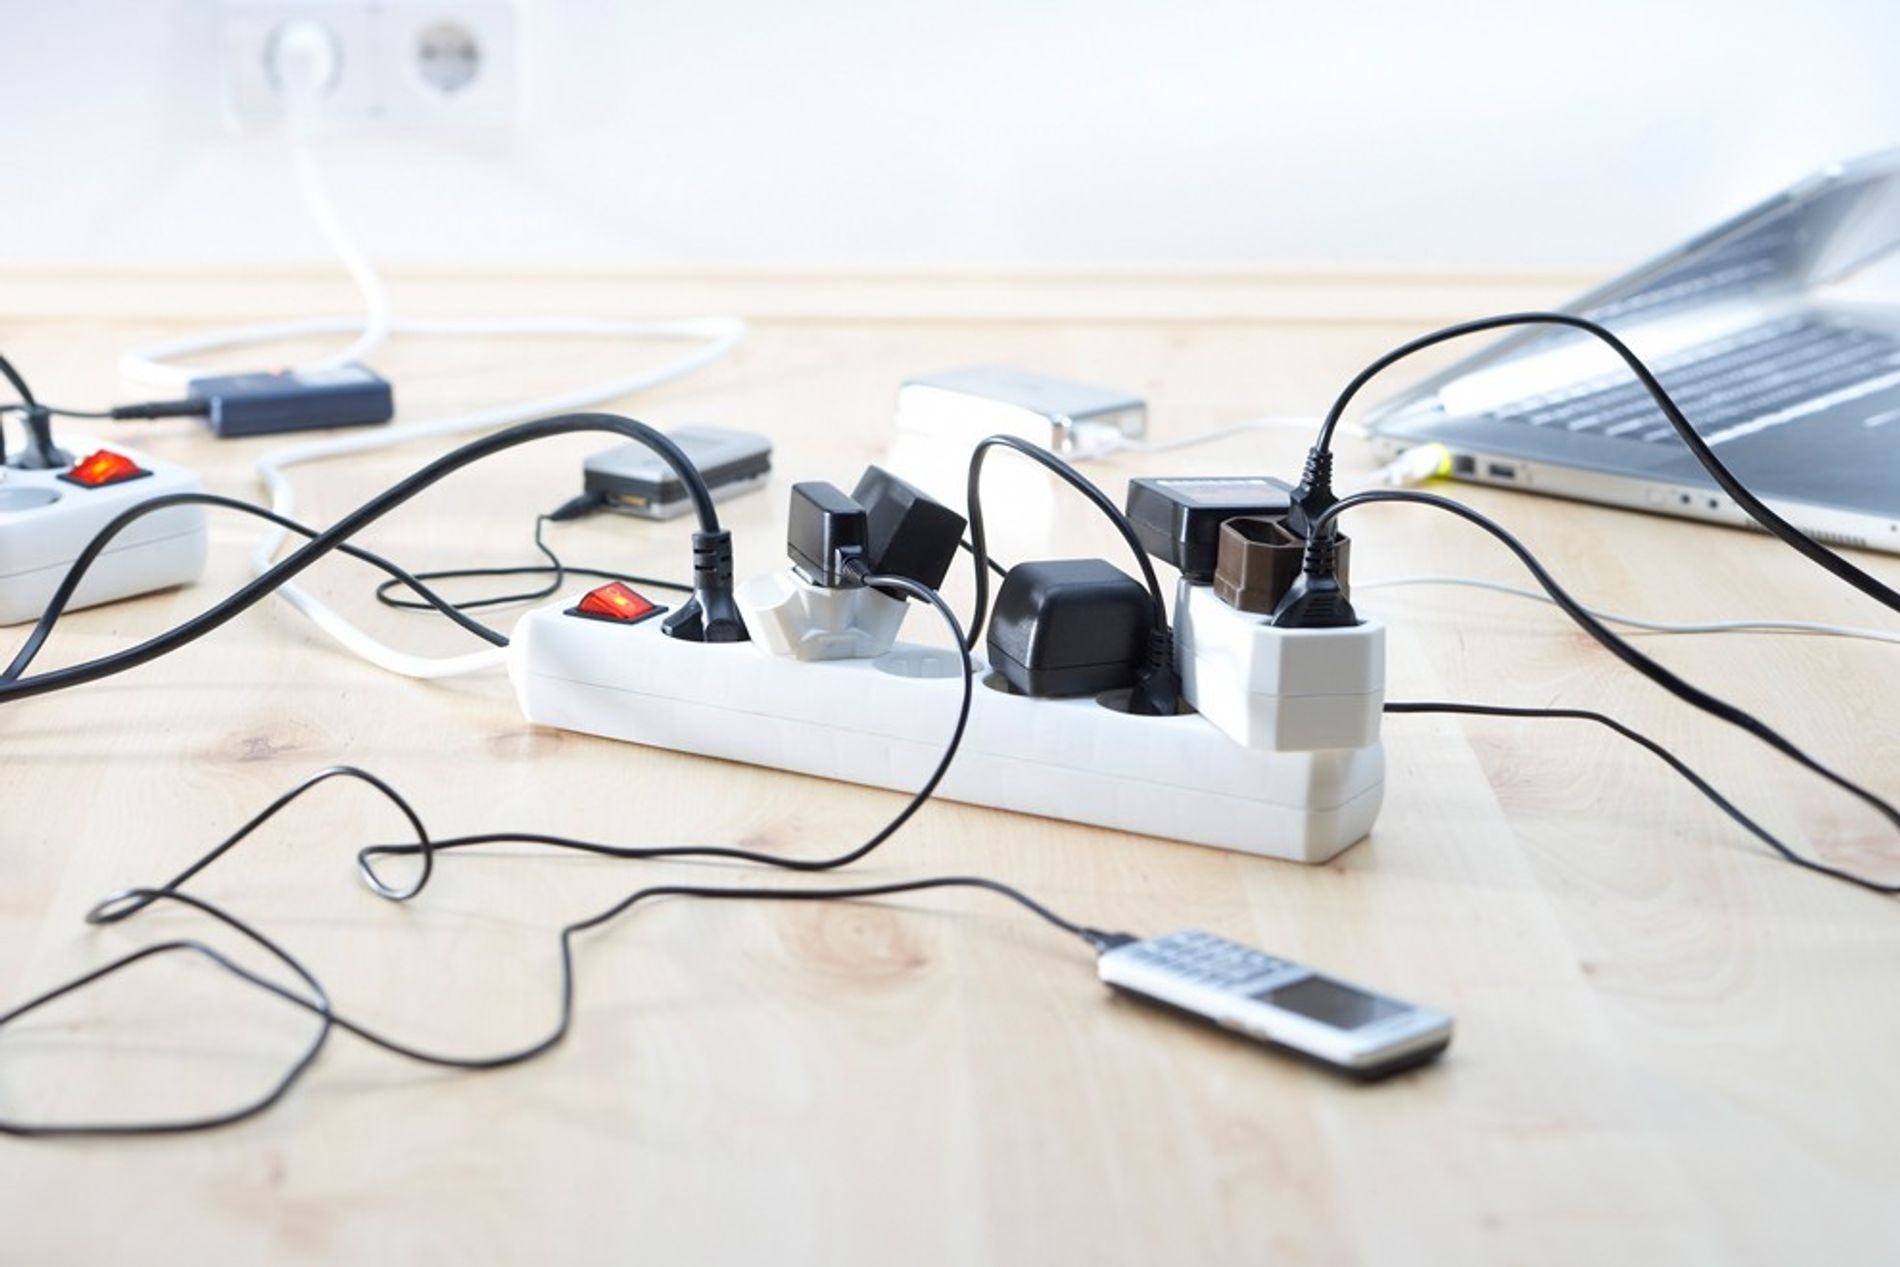 Viele Haushaltsgeräte ziehen auch dann Strom, wenn sie überhaupt nicht benutzt werden. Das macht sich auf der Stromrechnung bemerkbar.